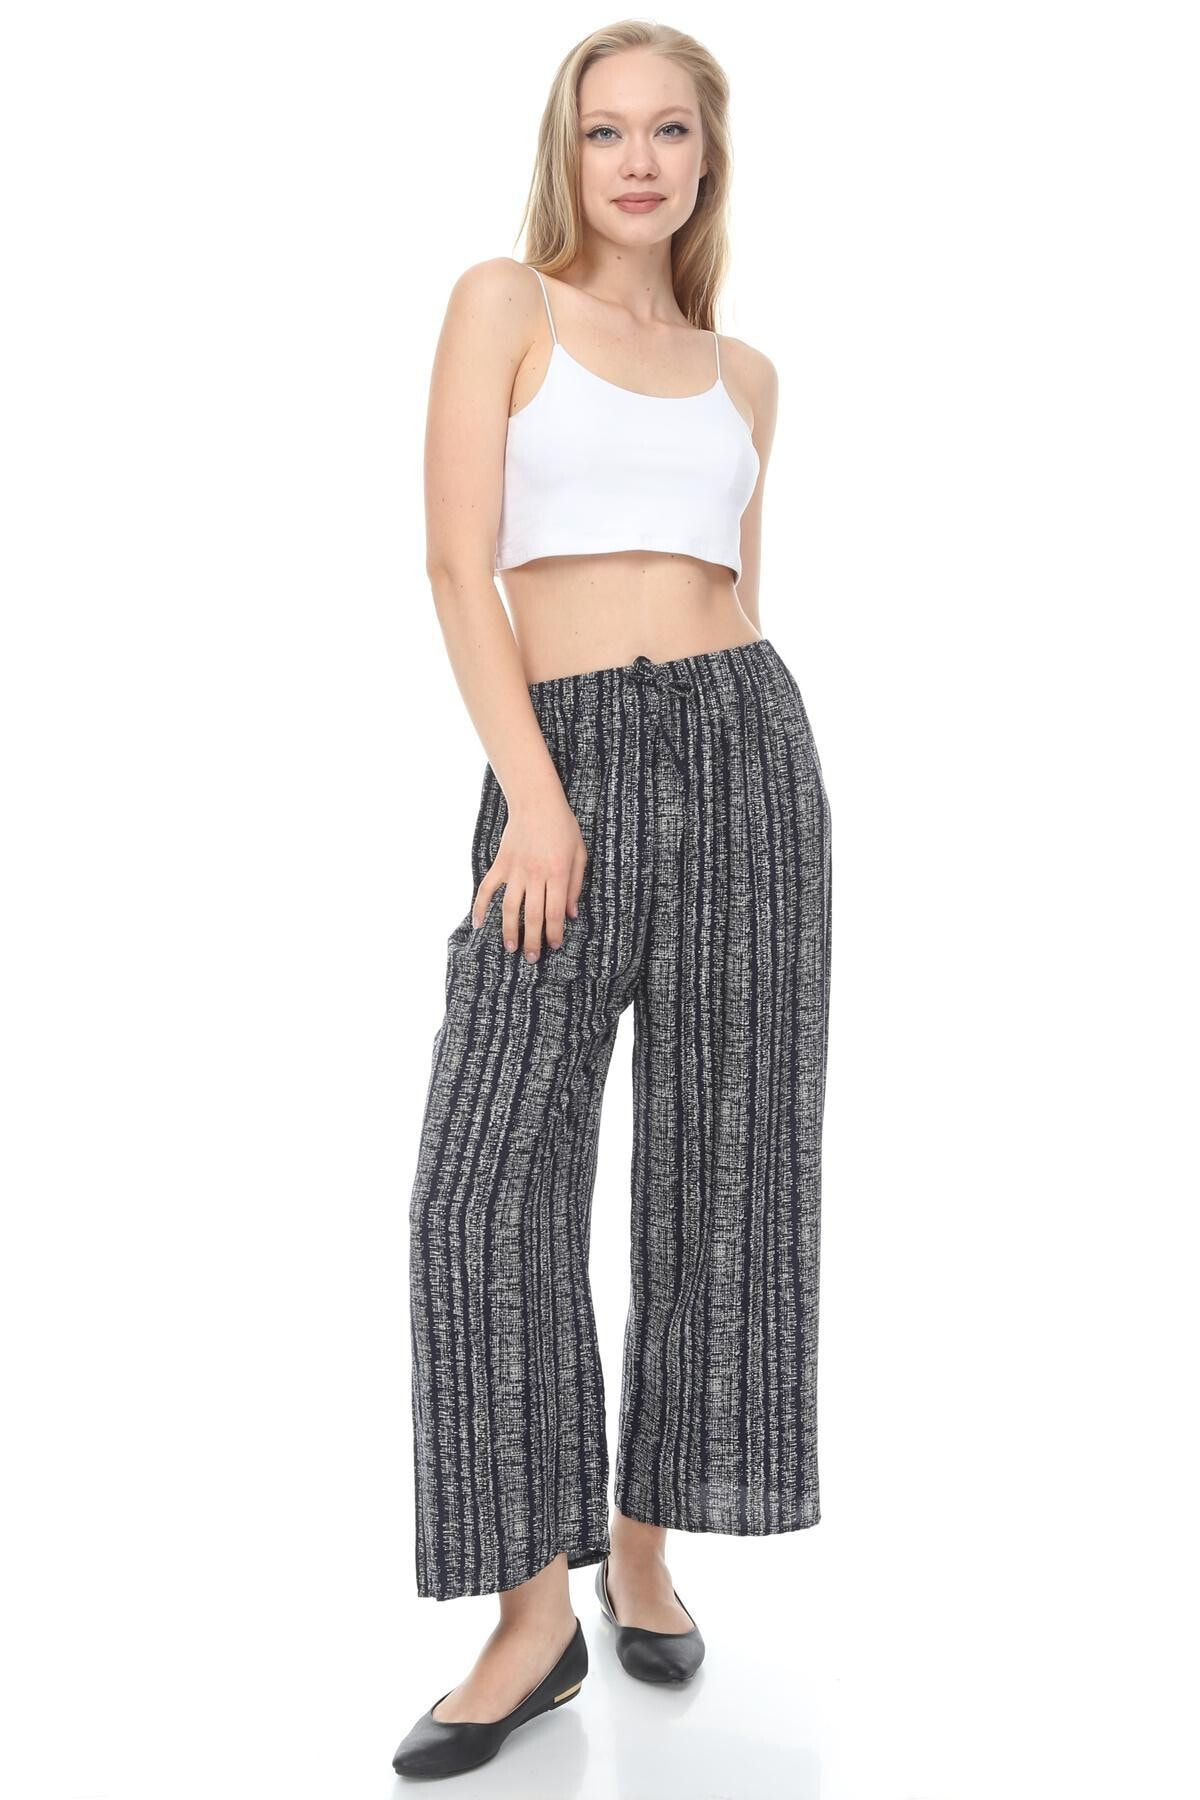 sarıbalon Kadın Lacivert Beli Lastikli Pamuklu Salaş Kalıp Zemin Pantolon 1